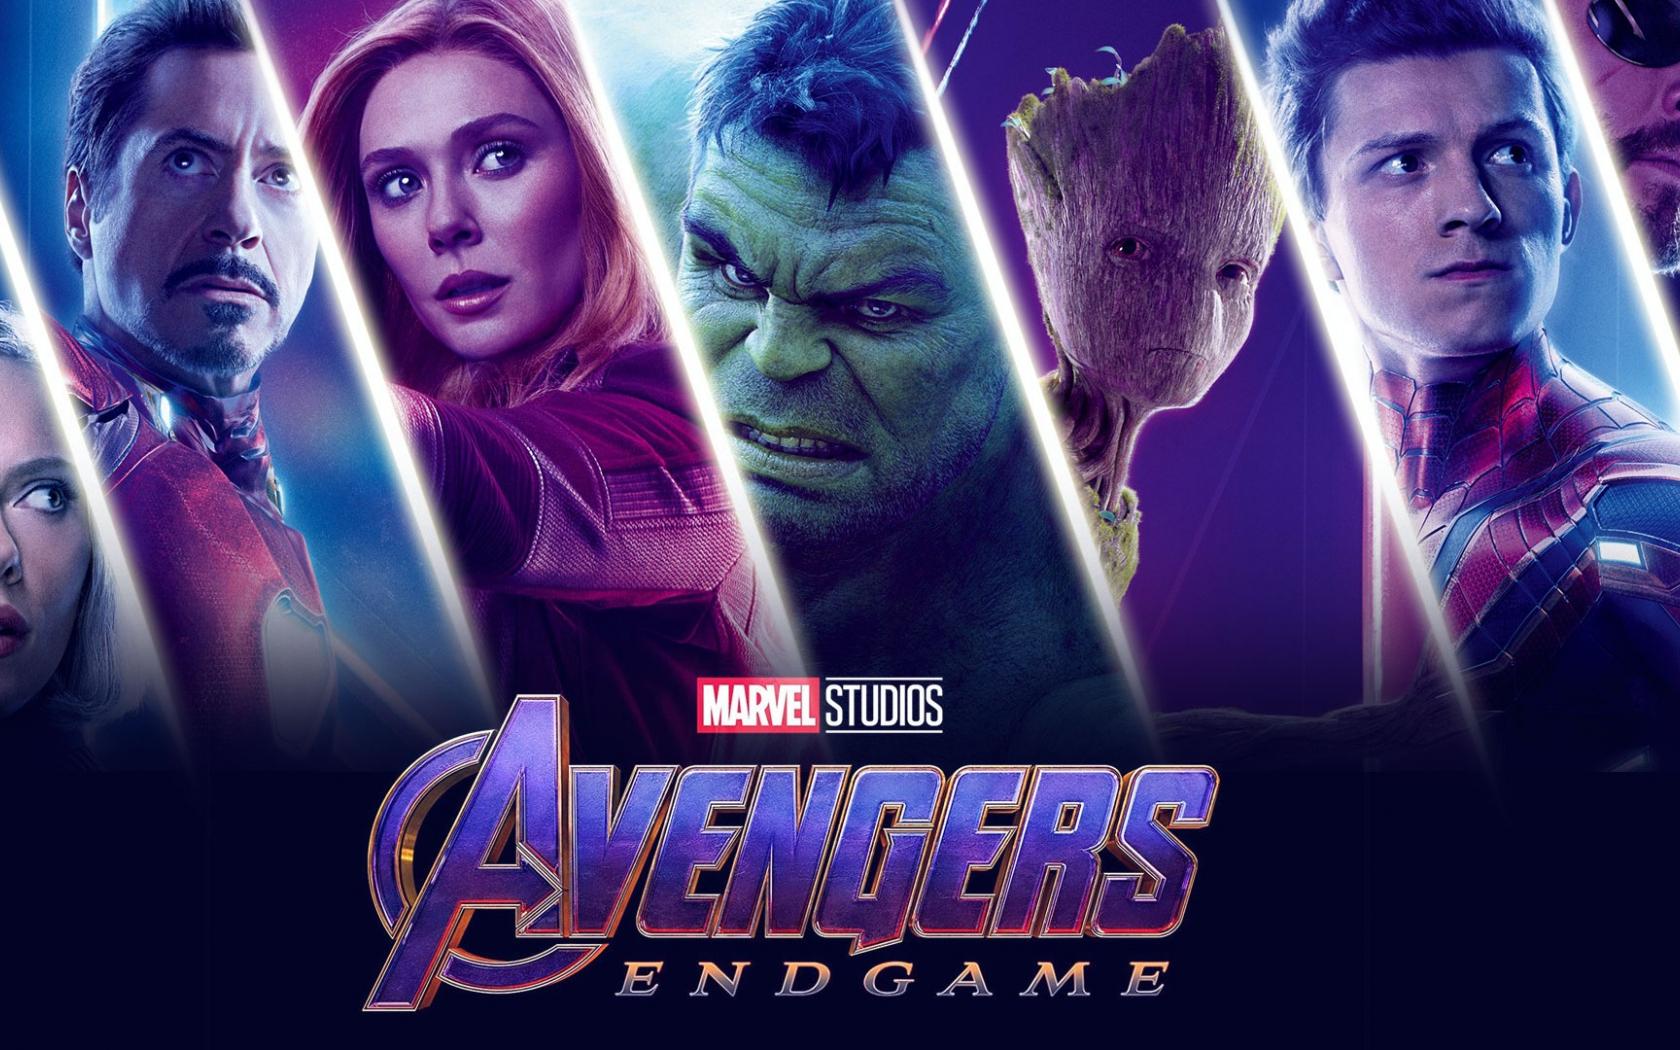 دانلود فیلم Avengers Endgame 2019 با دوبله فارسی